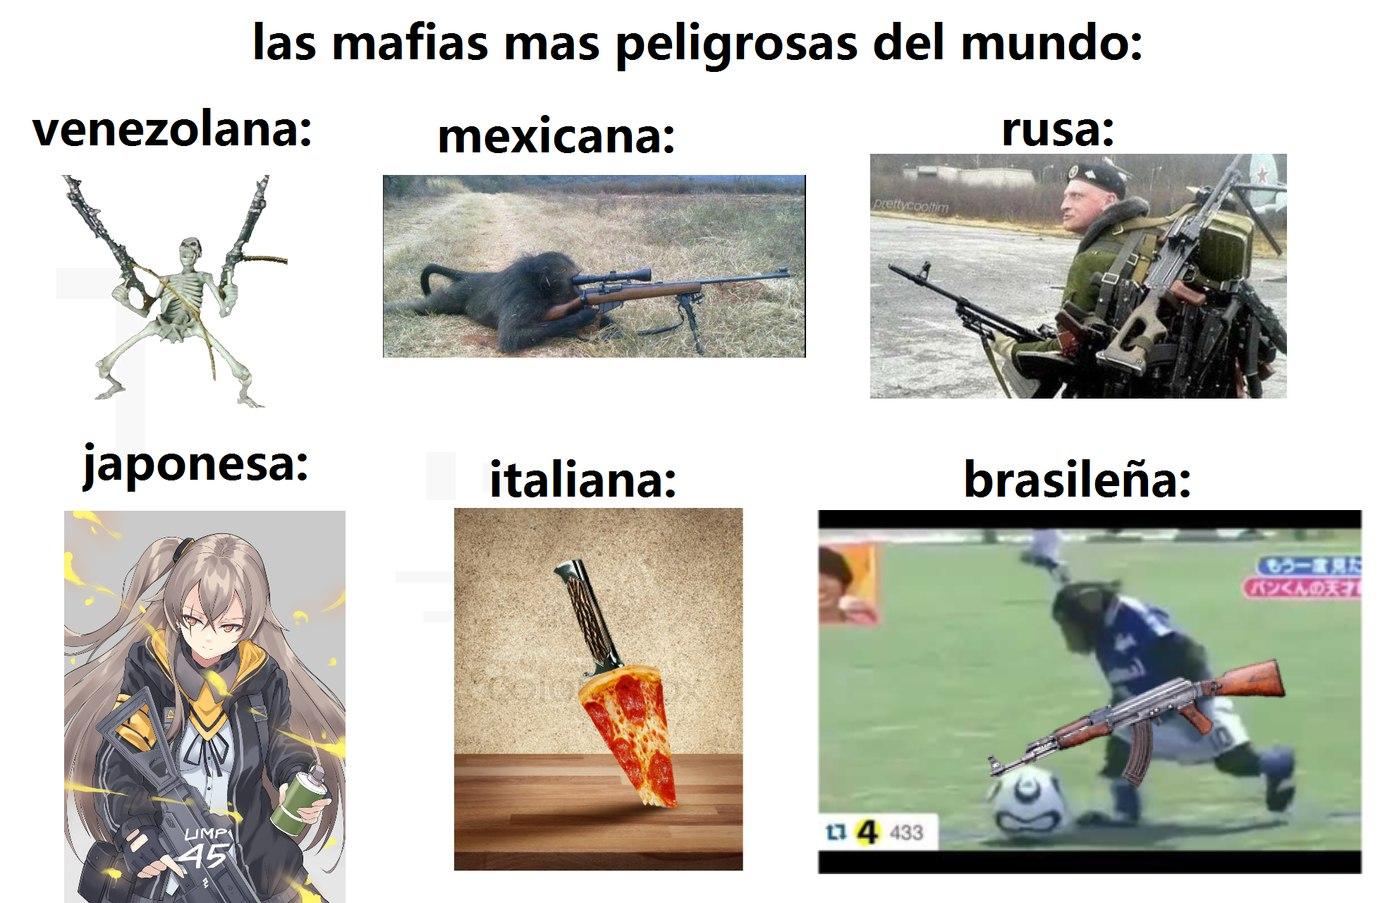 solo faltaba la colombiana - meme